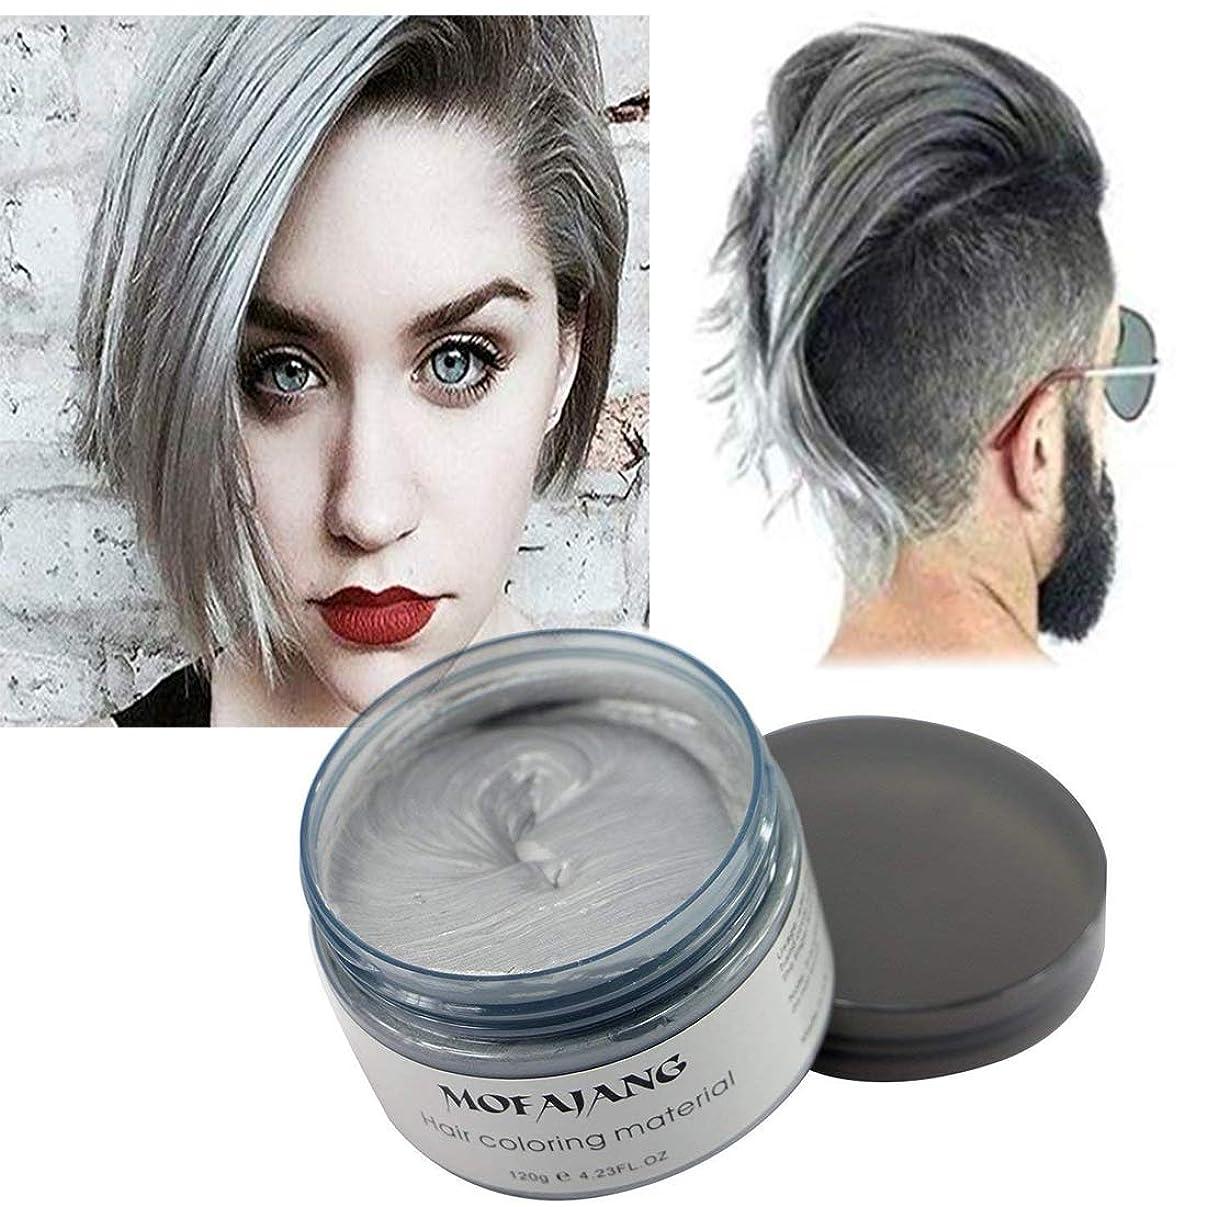 暴露する申し立てフリンジ髪色ワックス,一度だけ一時的に自然色染料ヘアワックスをモデリング,パーティーのための自然なマット髪型。コスプレ、仮装、ナイトクラブ、ハロウィーン (グレー)